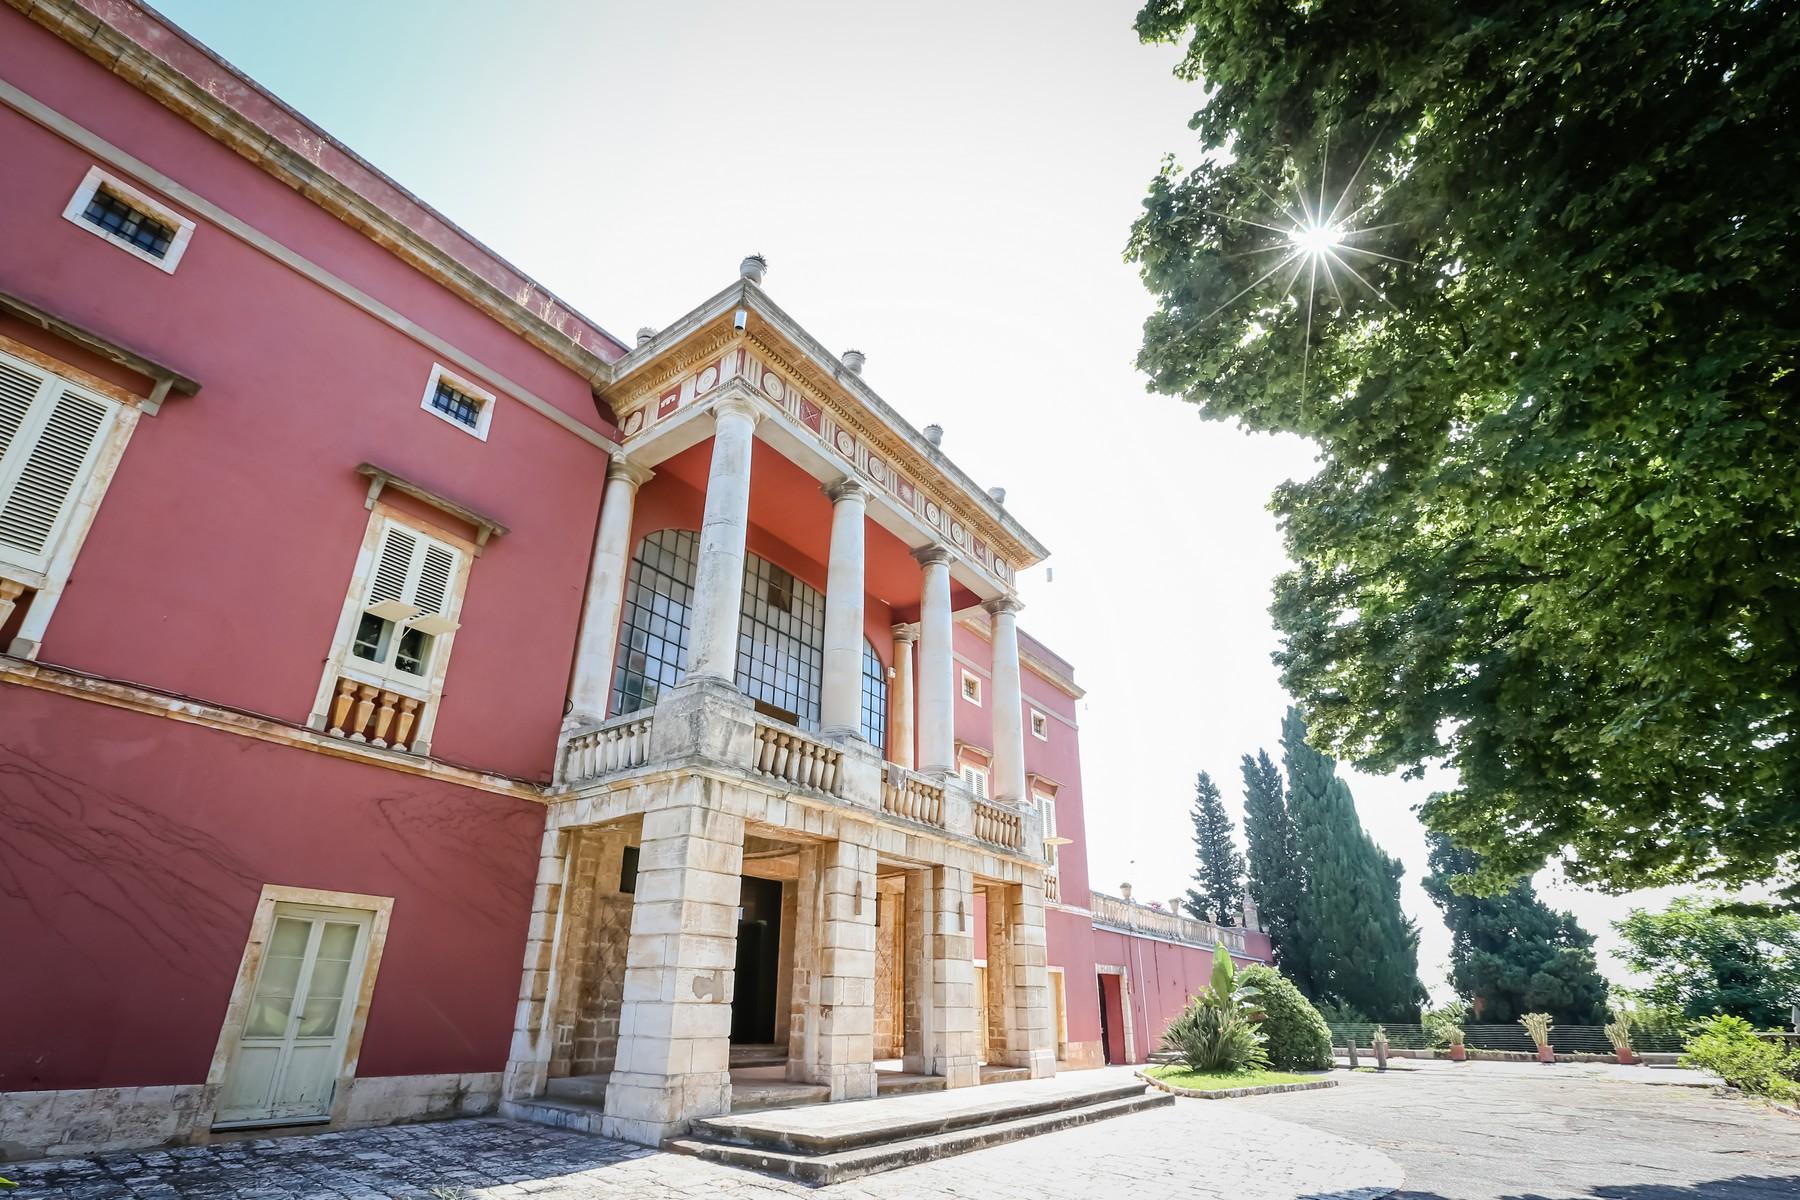 Maison unifamiliale pour l Vente à Villa Meo Evoli Contrada S. Oceano Monopoli, Bari 70043 Italie